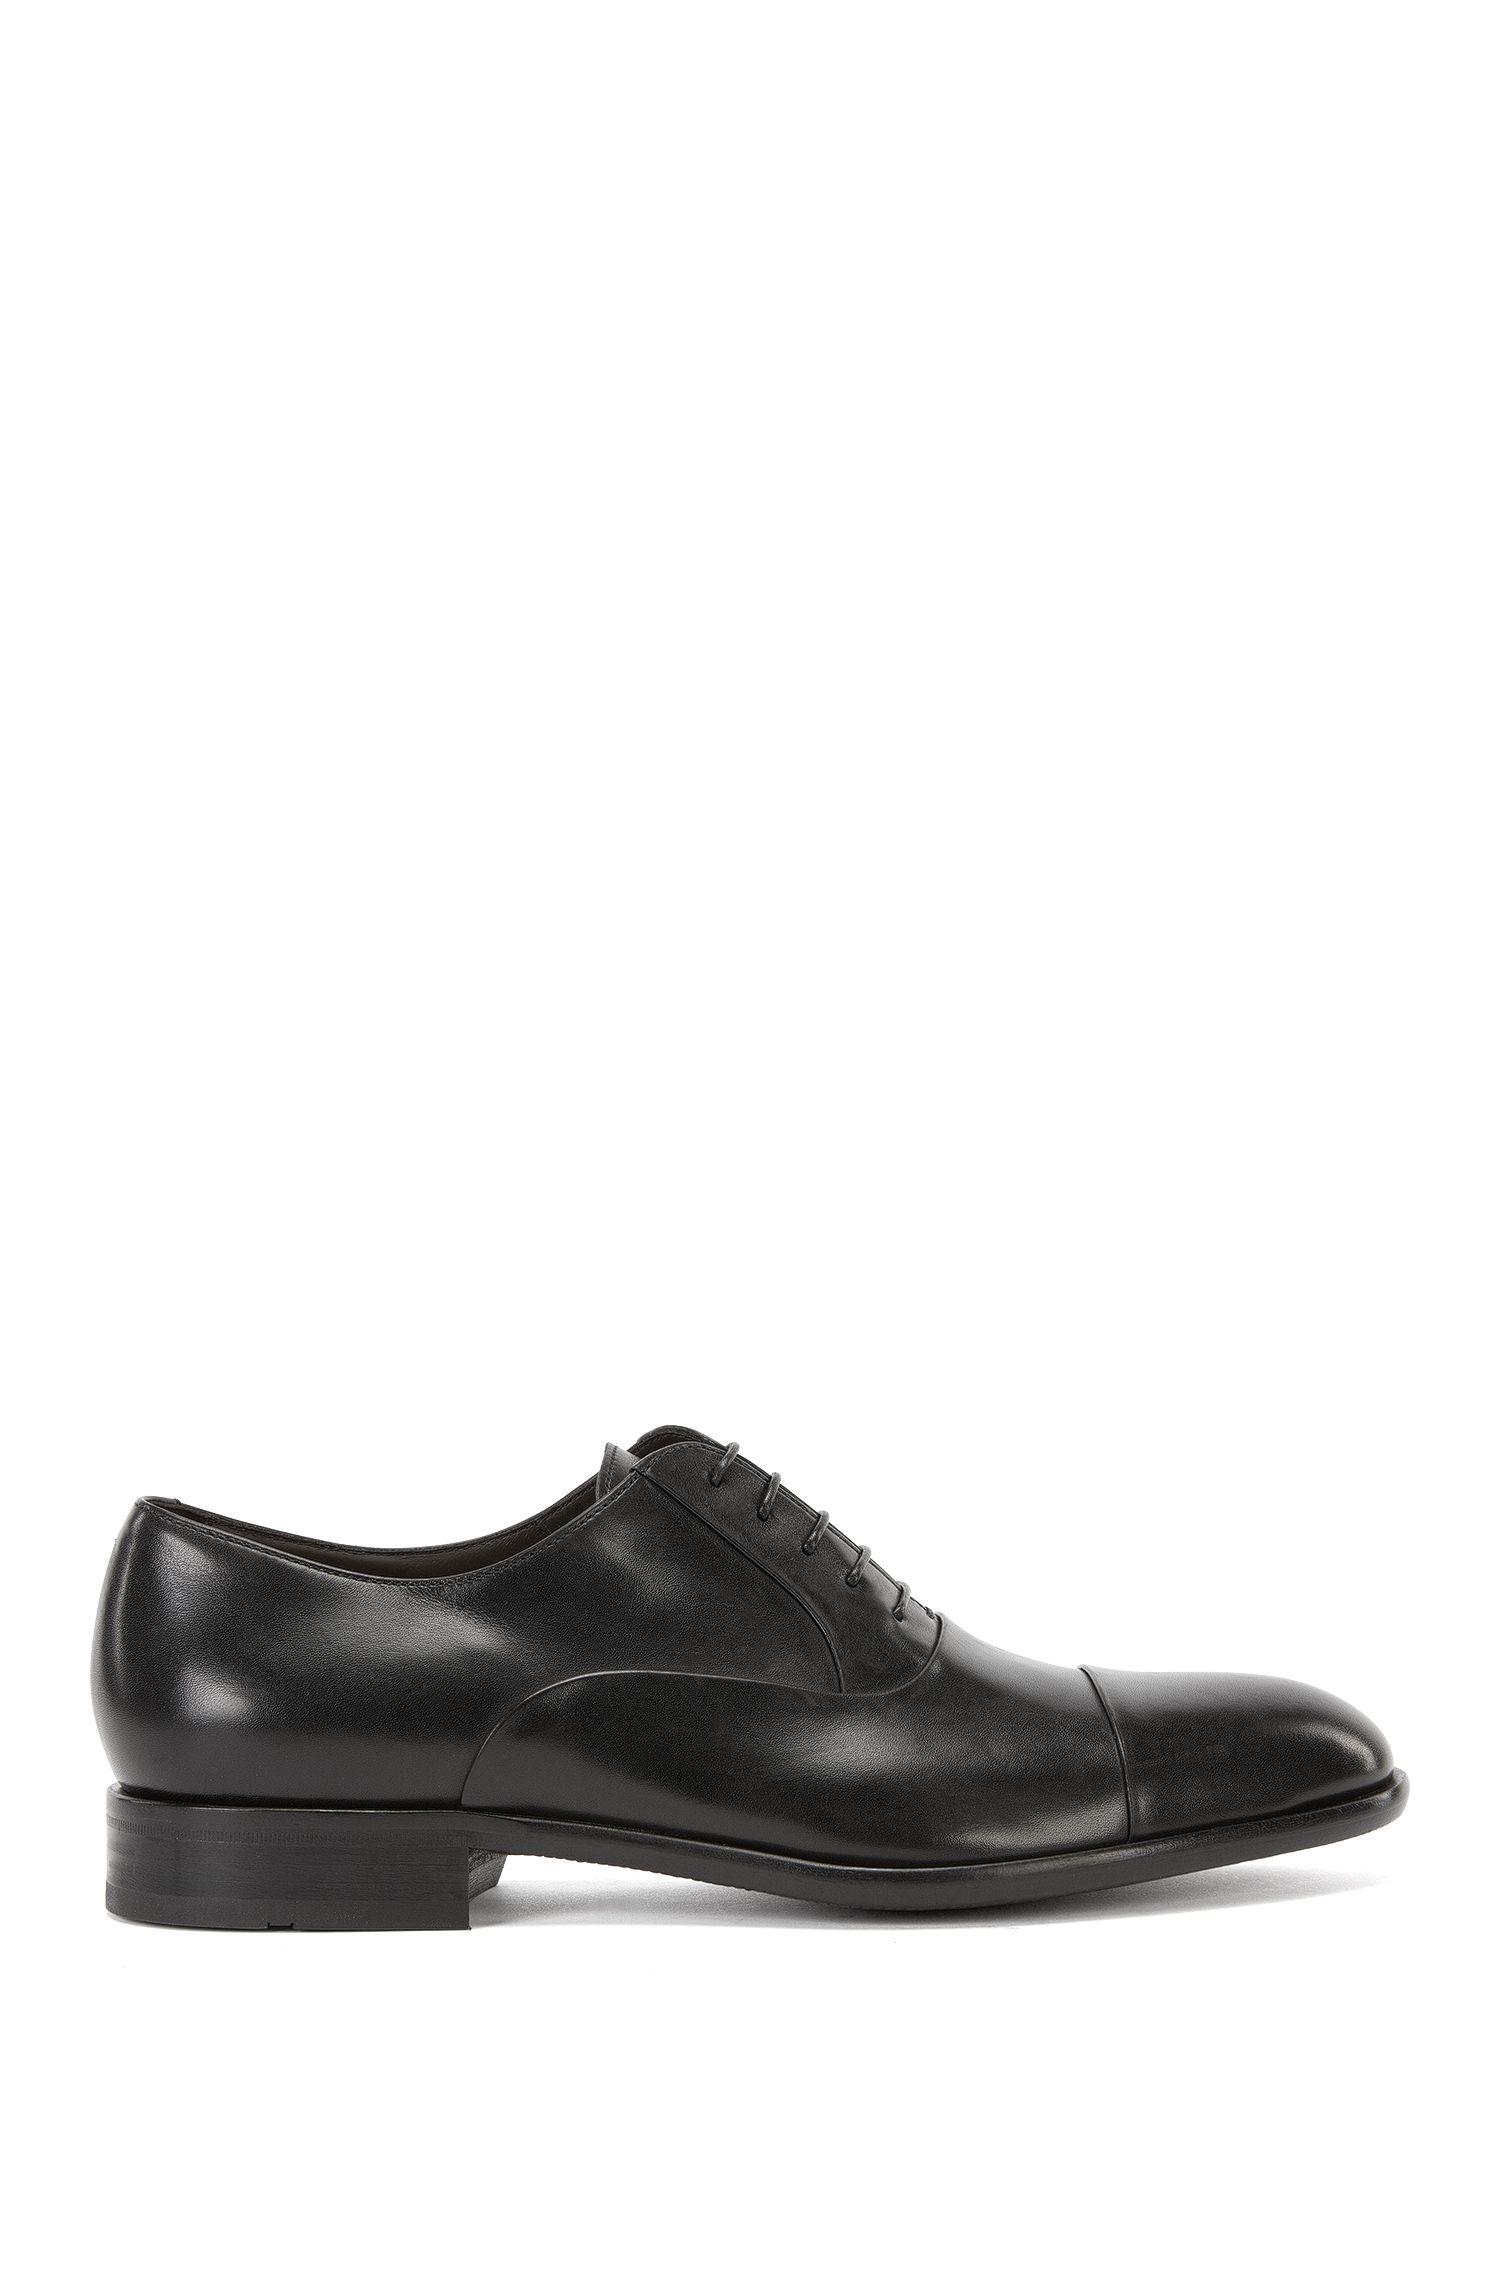 Zapatos Oxford en piel lisa